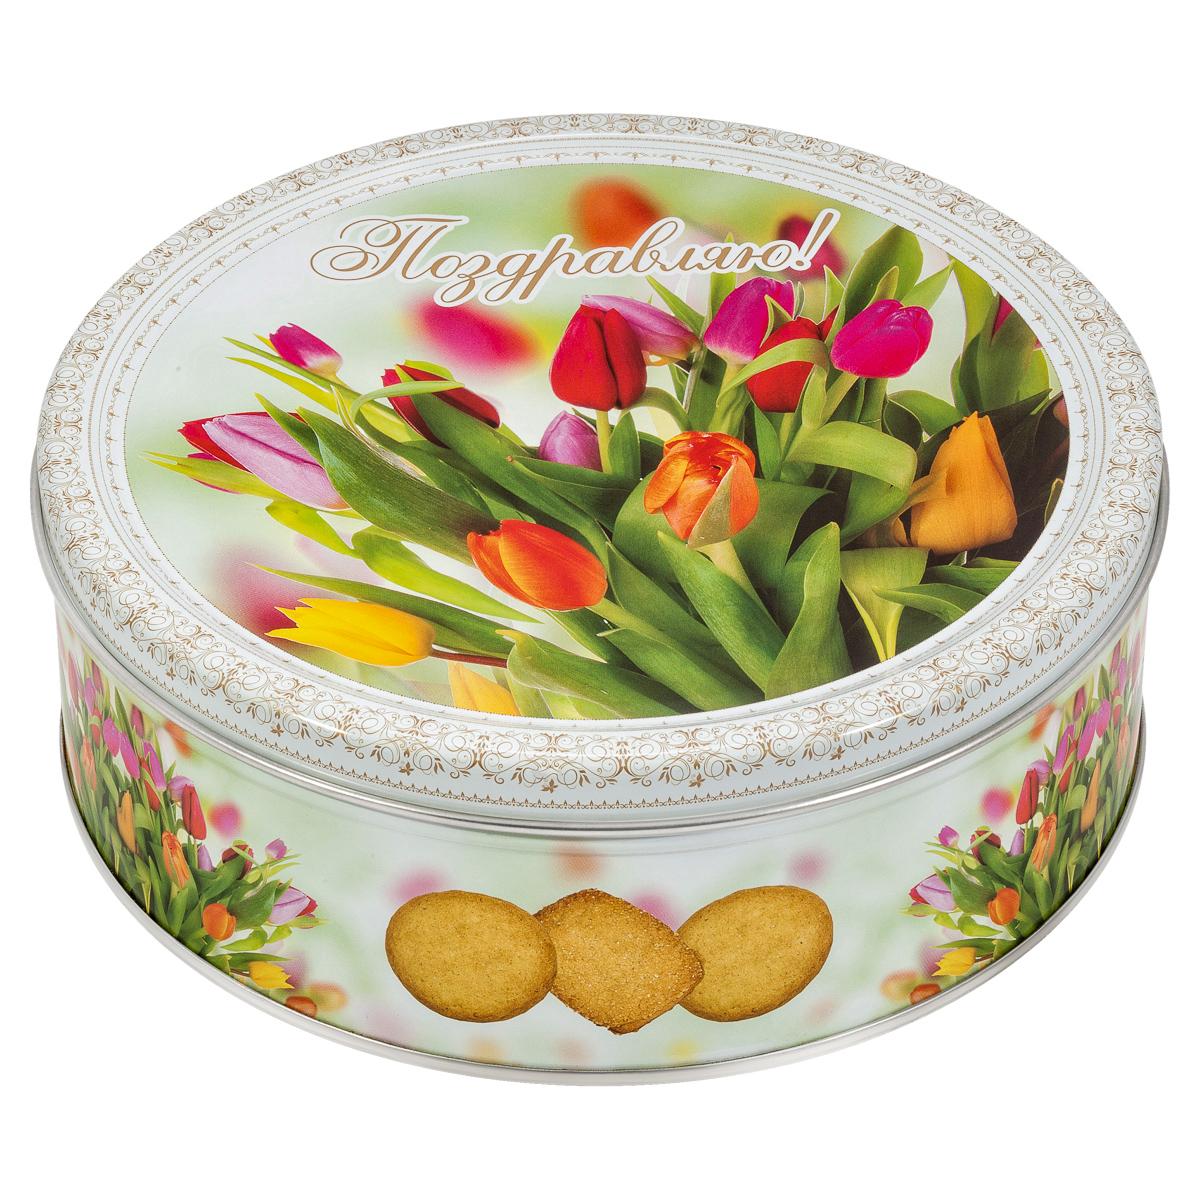 Monte Christo Тюльпаны печенье со сливочным маслом, 400 г сладкая сказка печенье дед мороз и снегурочка 400 г